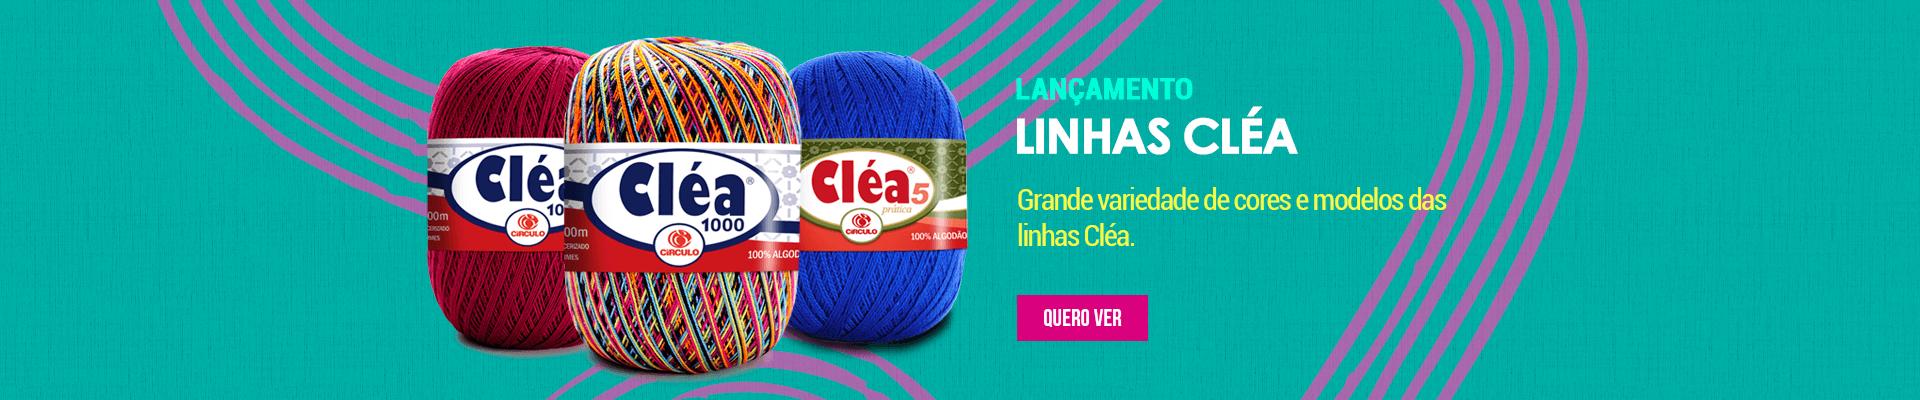 Linha-Clea